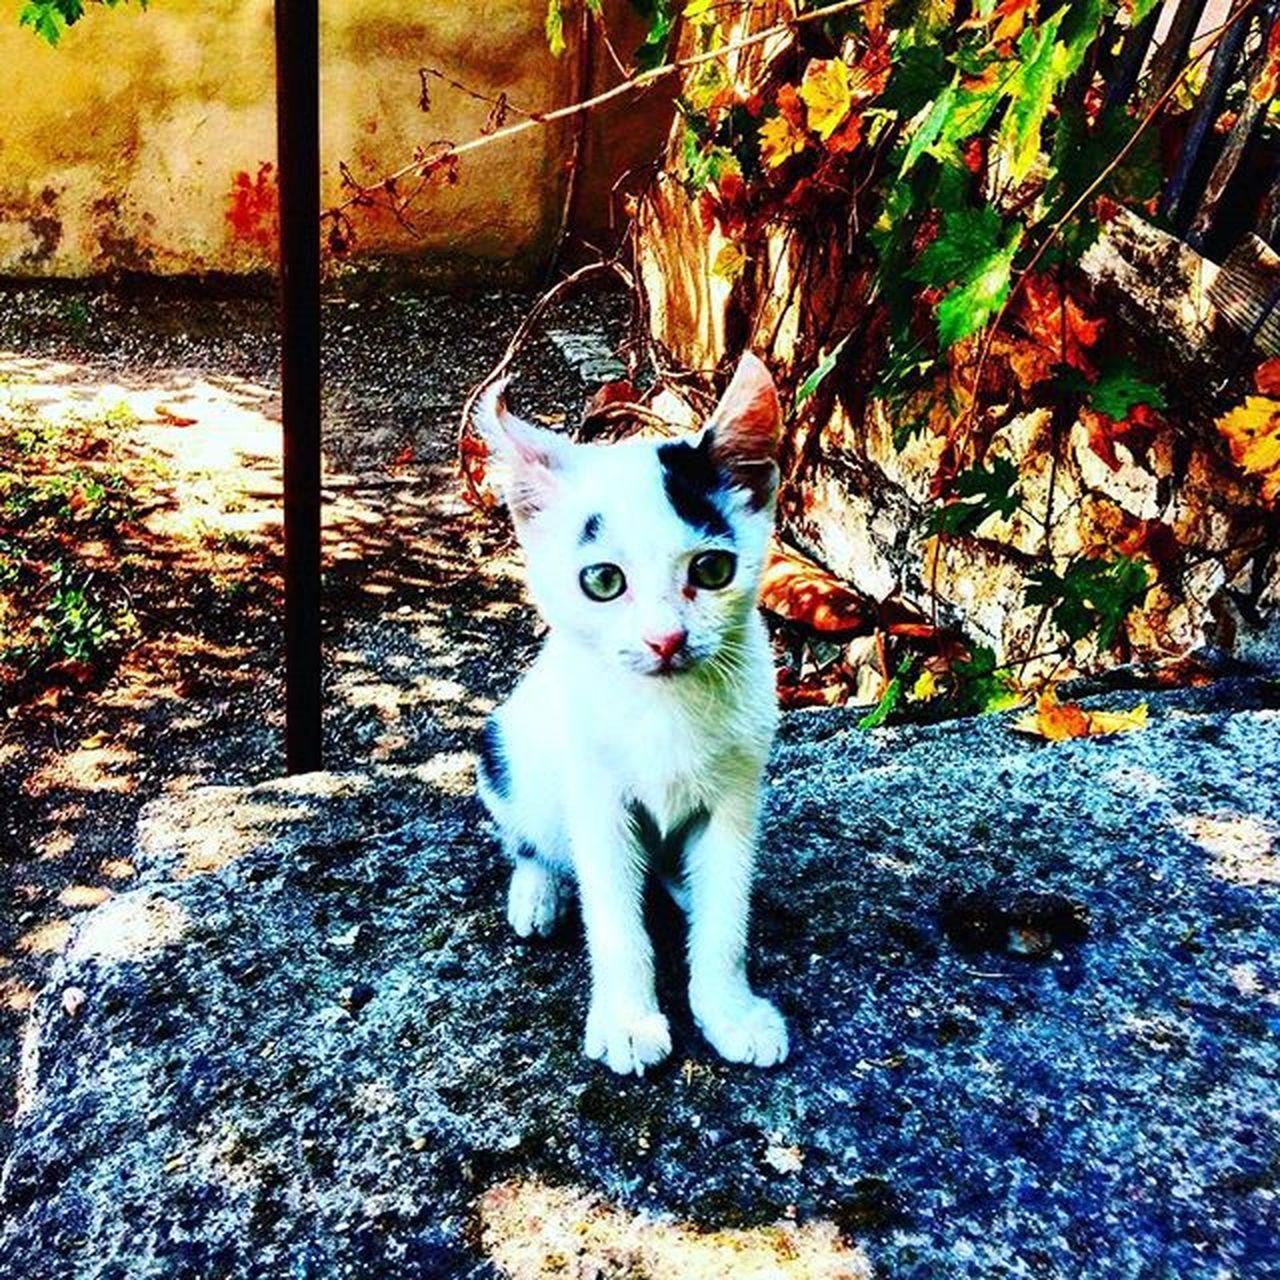 Yavrumun yavrusu Kitten Cat Kedi Pisi Mışık